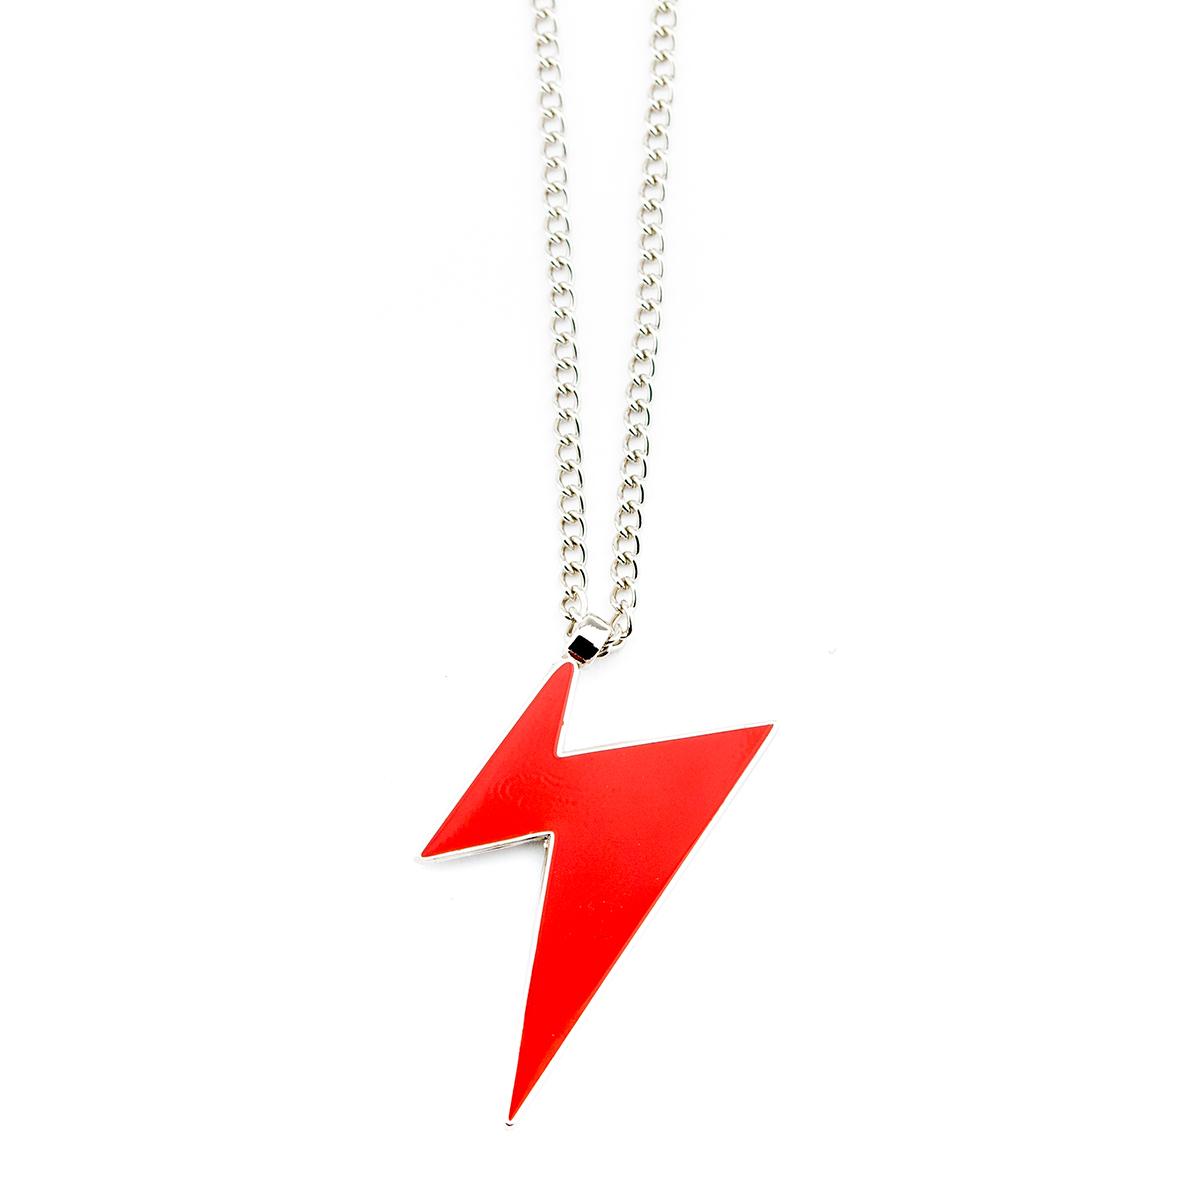 David Bowie Bolt Necklace